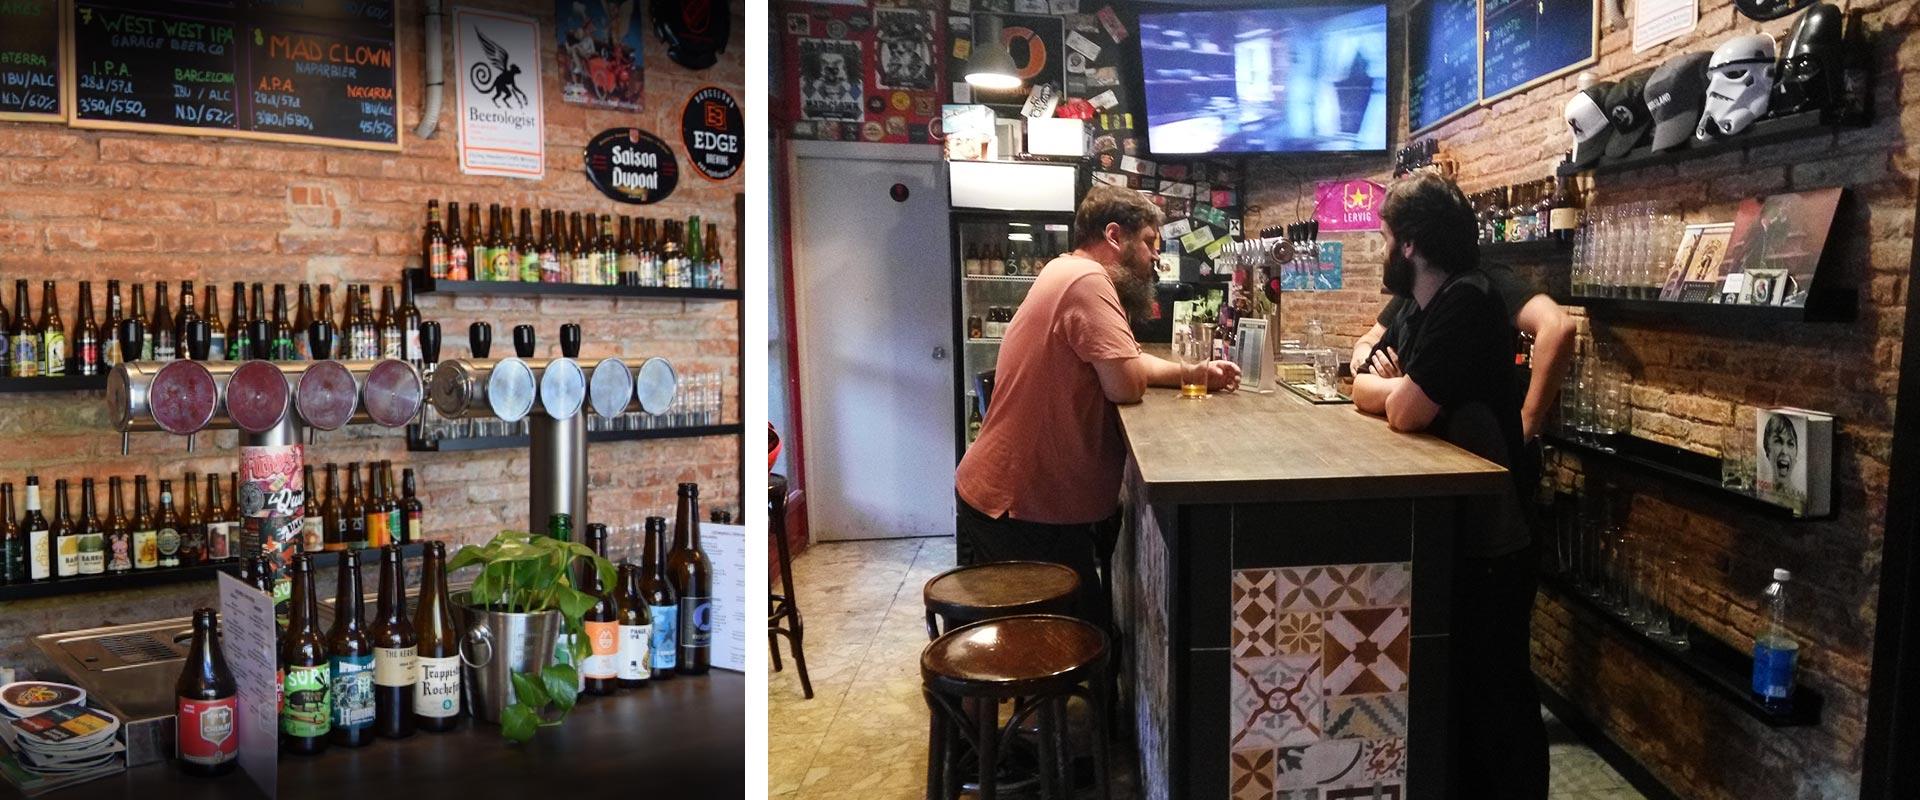 Cervecería l'Alternativa Poblenou Barcelona